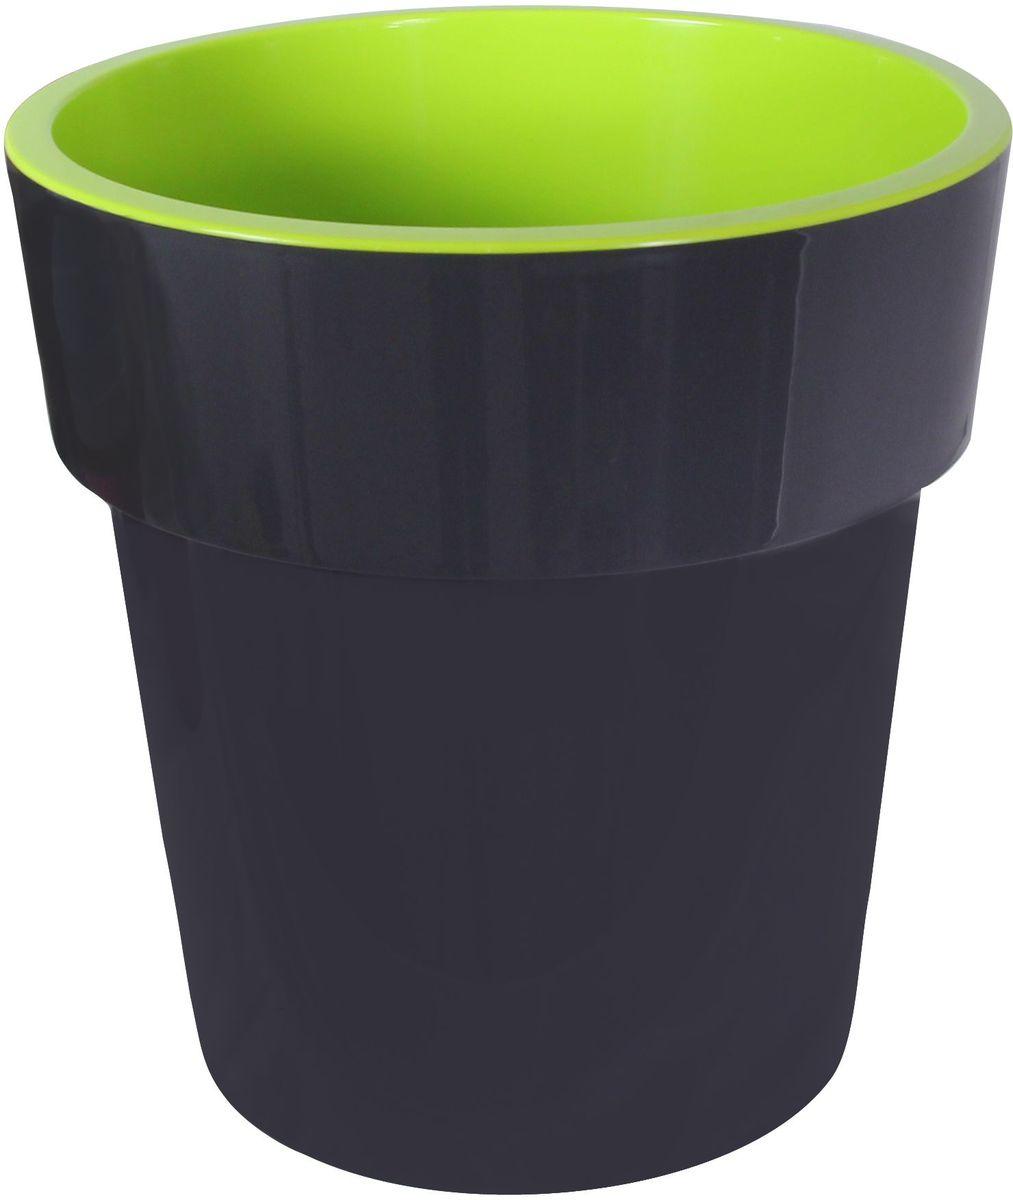 """Кашпо Idea """"Тубус"""" изготовлено из прочного пластика. Изделие прекрасно подходит для выращивания растений и цветов в домашних условиях. Стильный современный дизайн органично впишется в интерьер помещения.  Диаметр кашпо: 20 см. Высота кашпо: 20 см."""